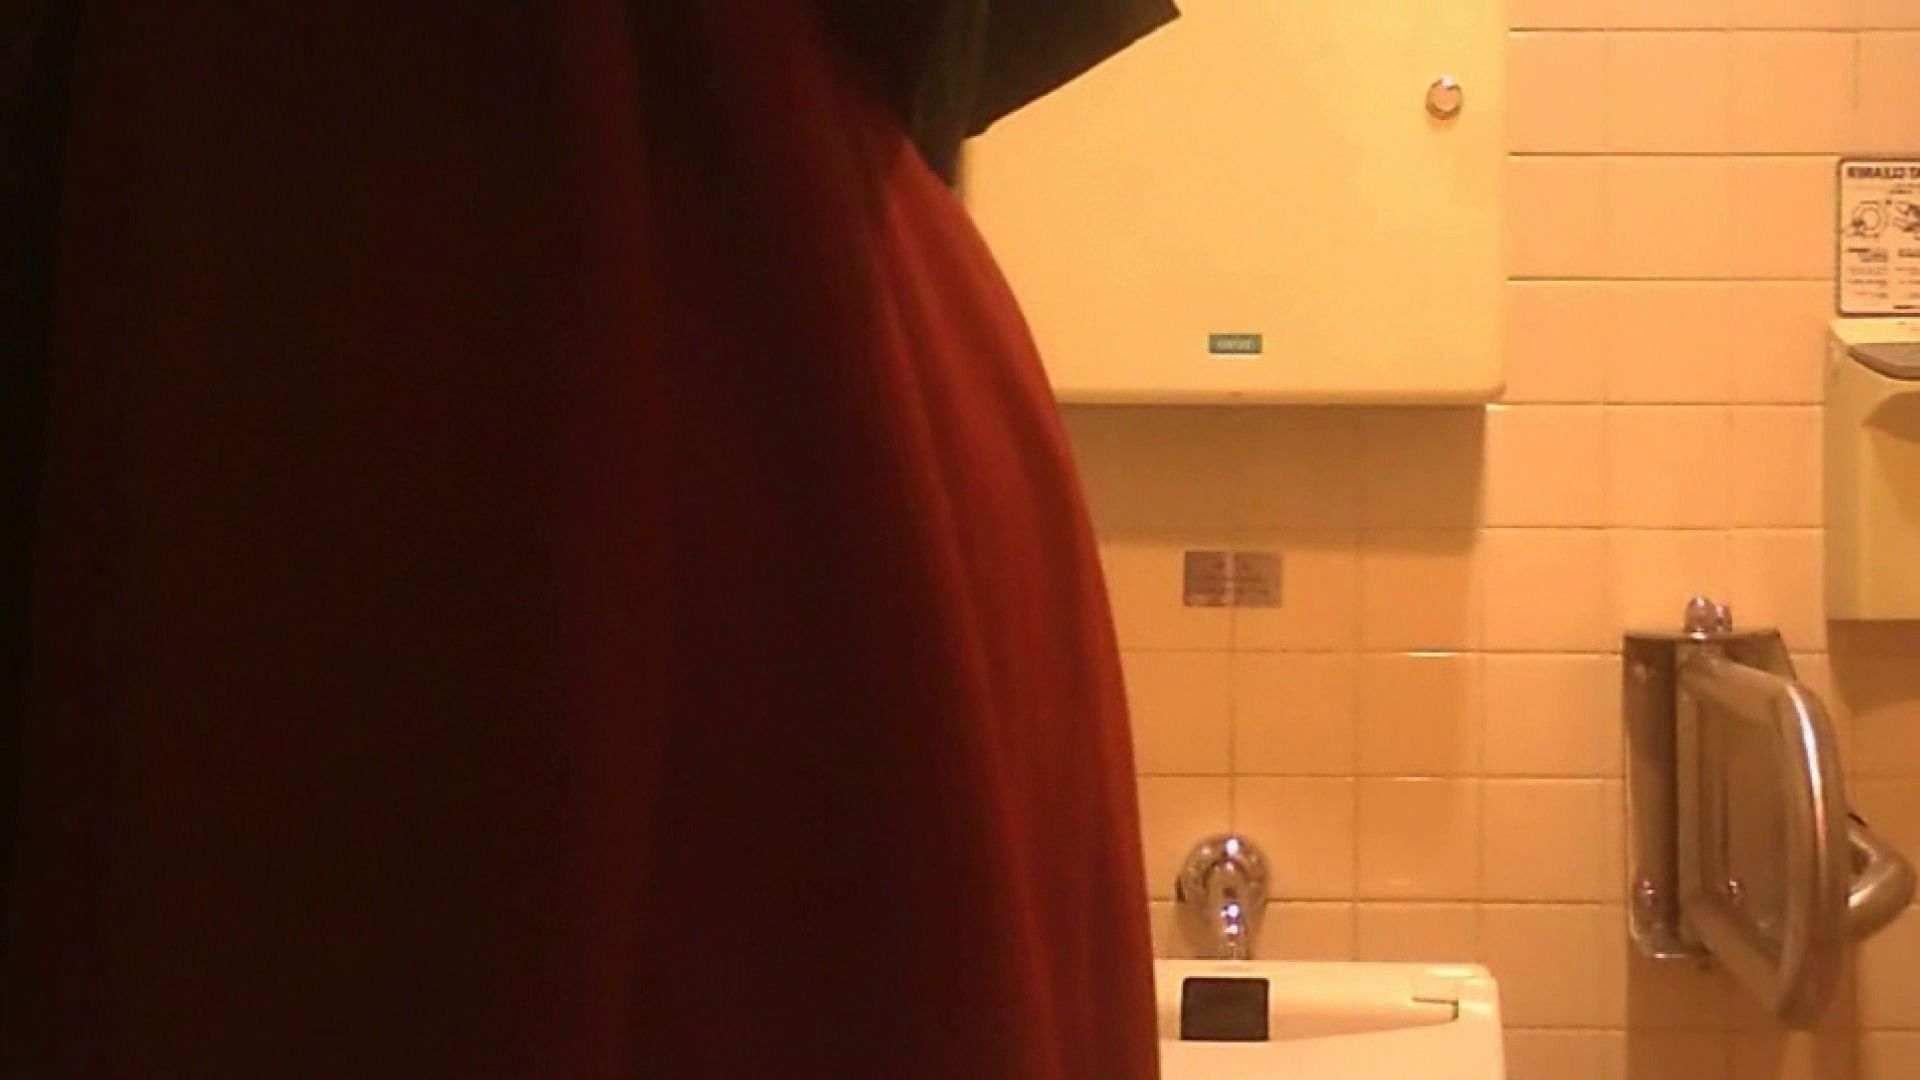 お姉さんの恥便所盗撮! Vol.27 お姉さんヌード 盗撮ワレメ無修正動画無料 111画像 53